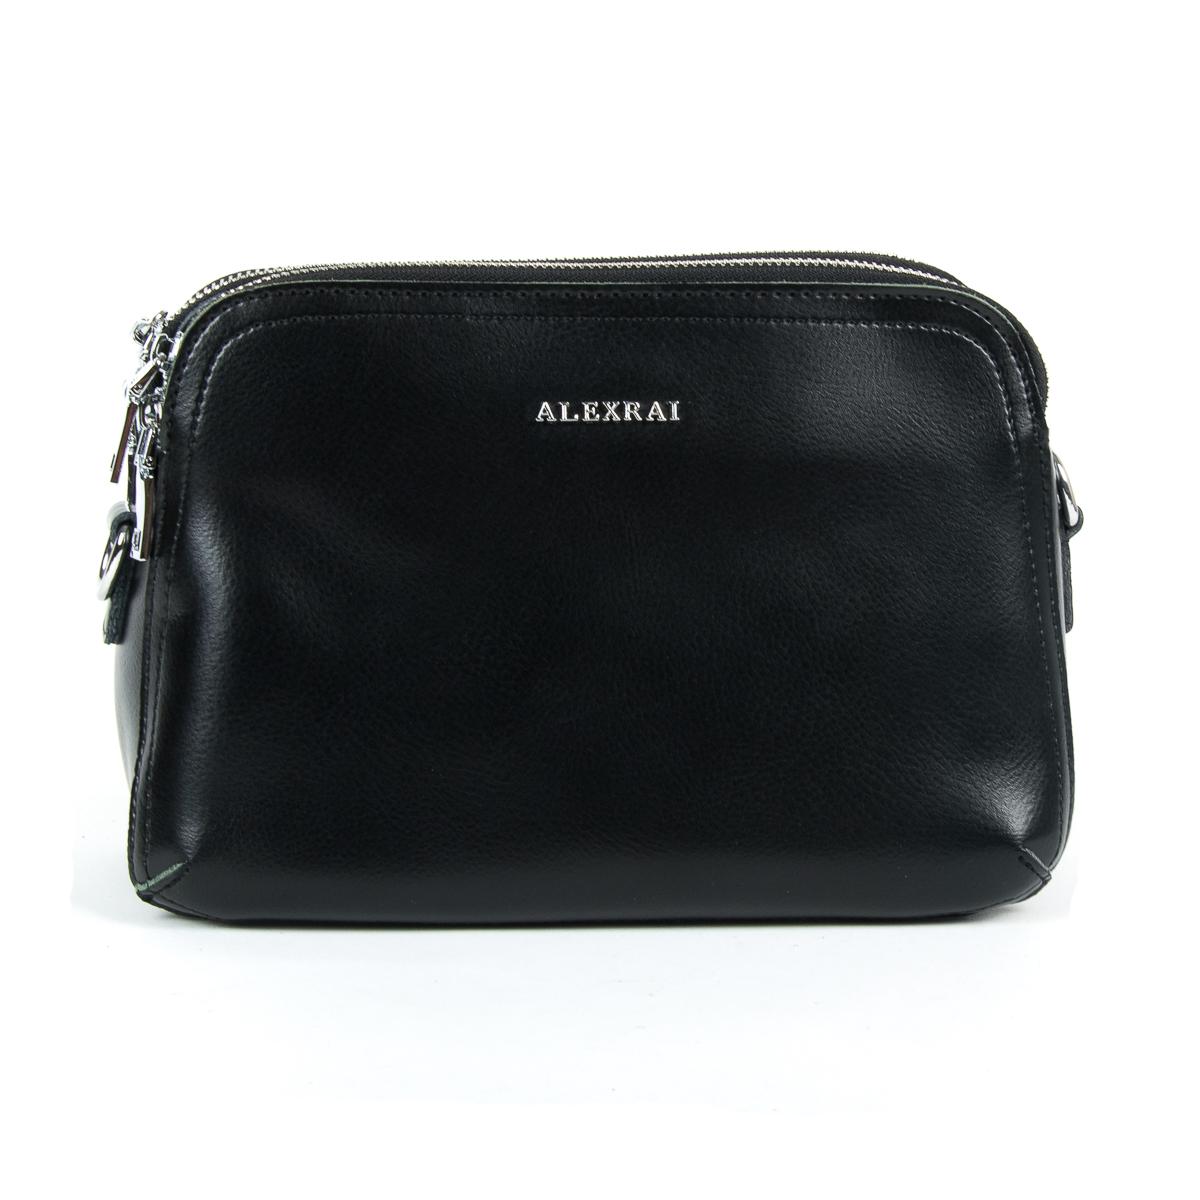 Сумка Женская Клатч кожа ALEX RAI 9-01 8725 black